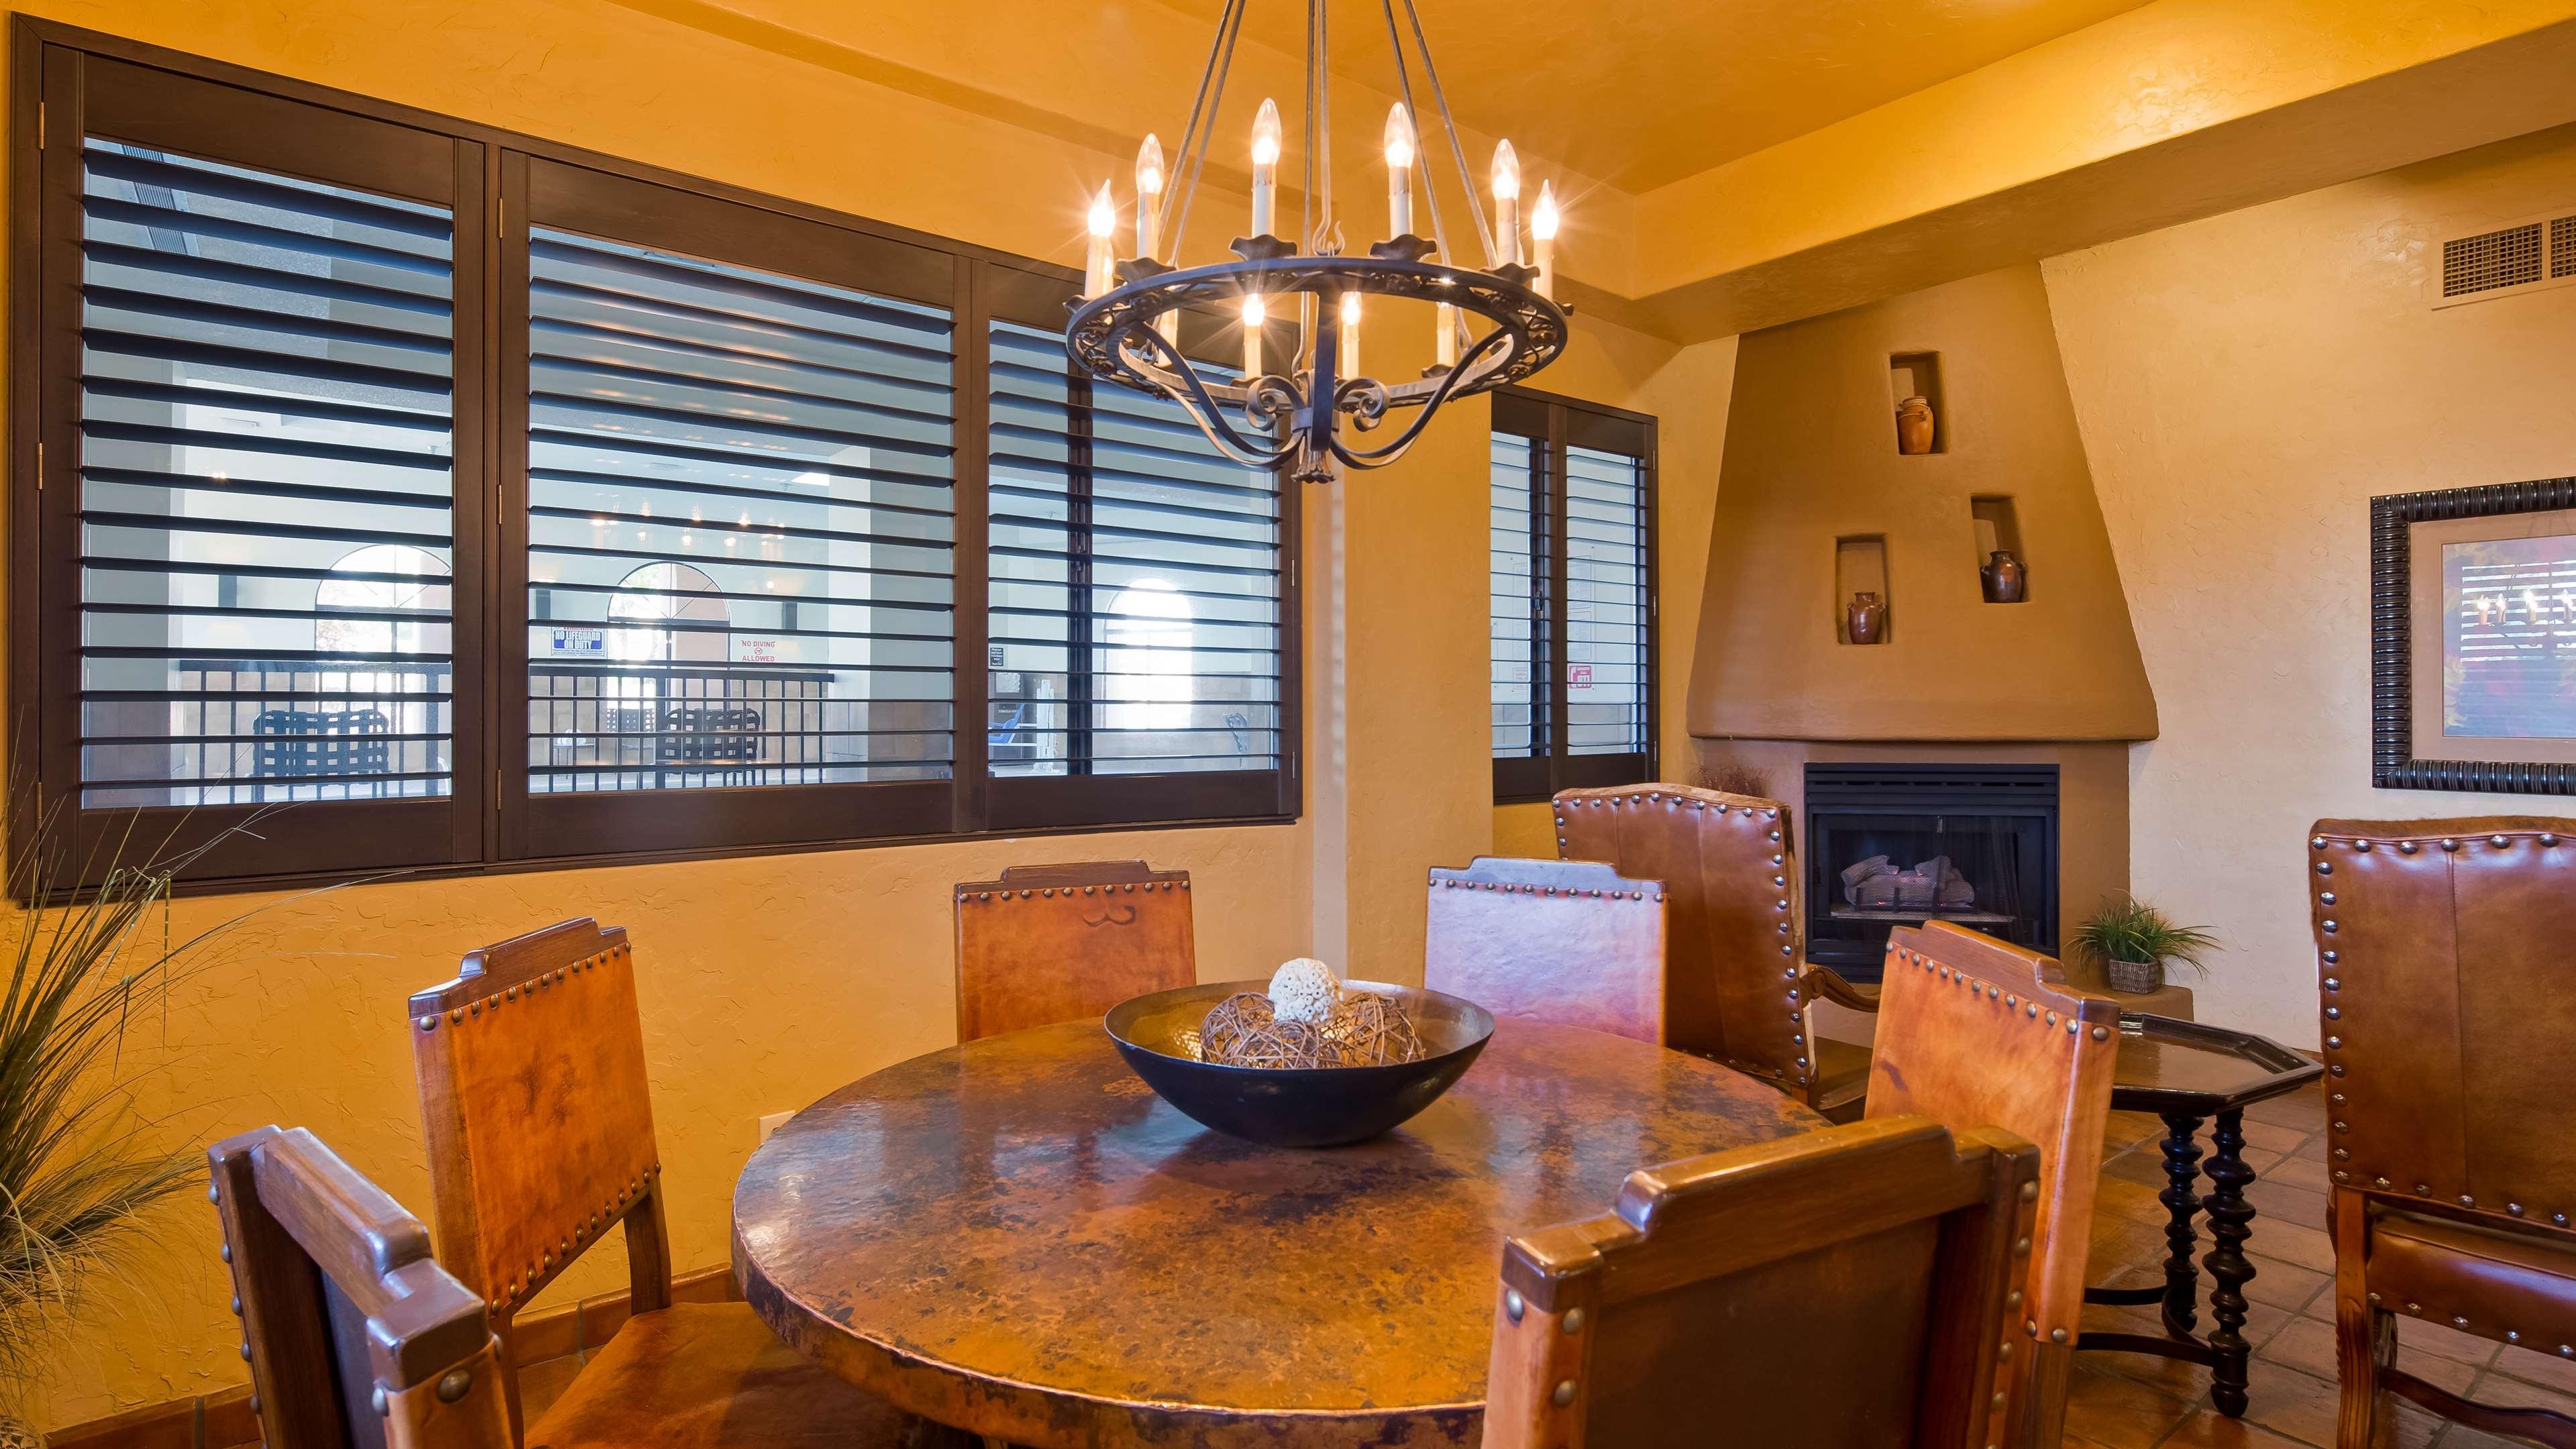 Best Western Plus Inn of Santa Fe image 4